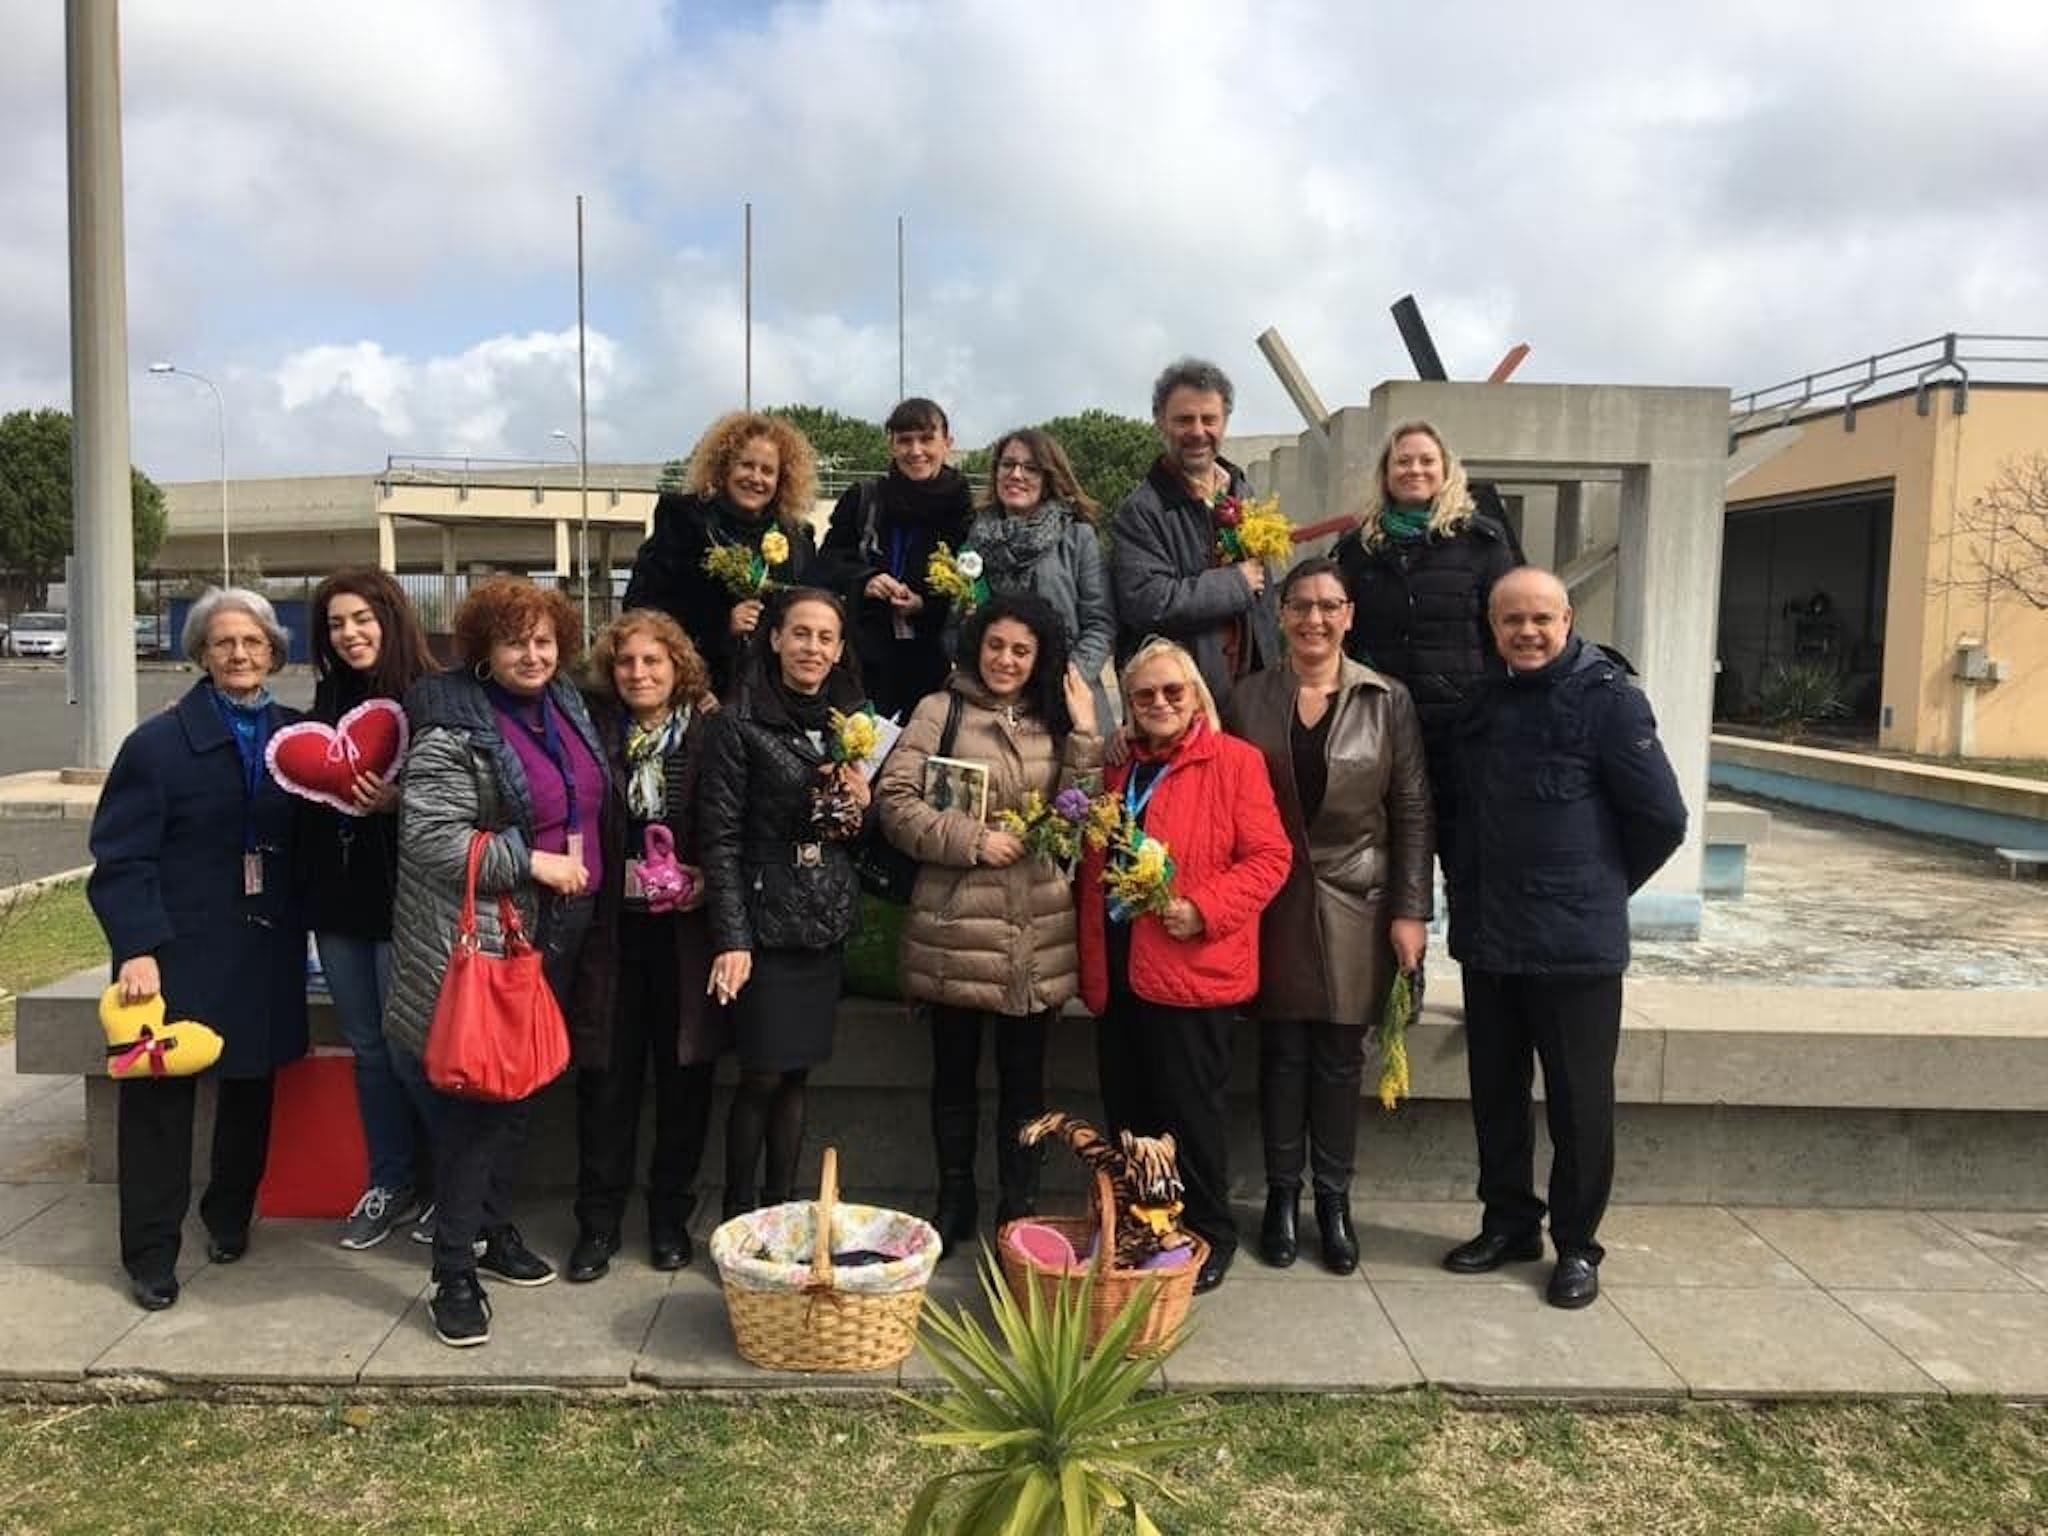 L'8 marzo alla Casa Circondariale di Civitavecchia